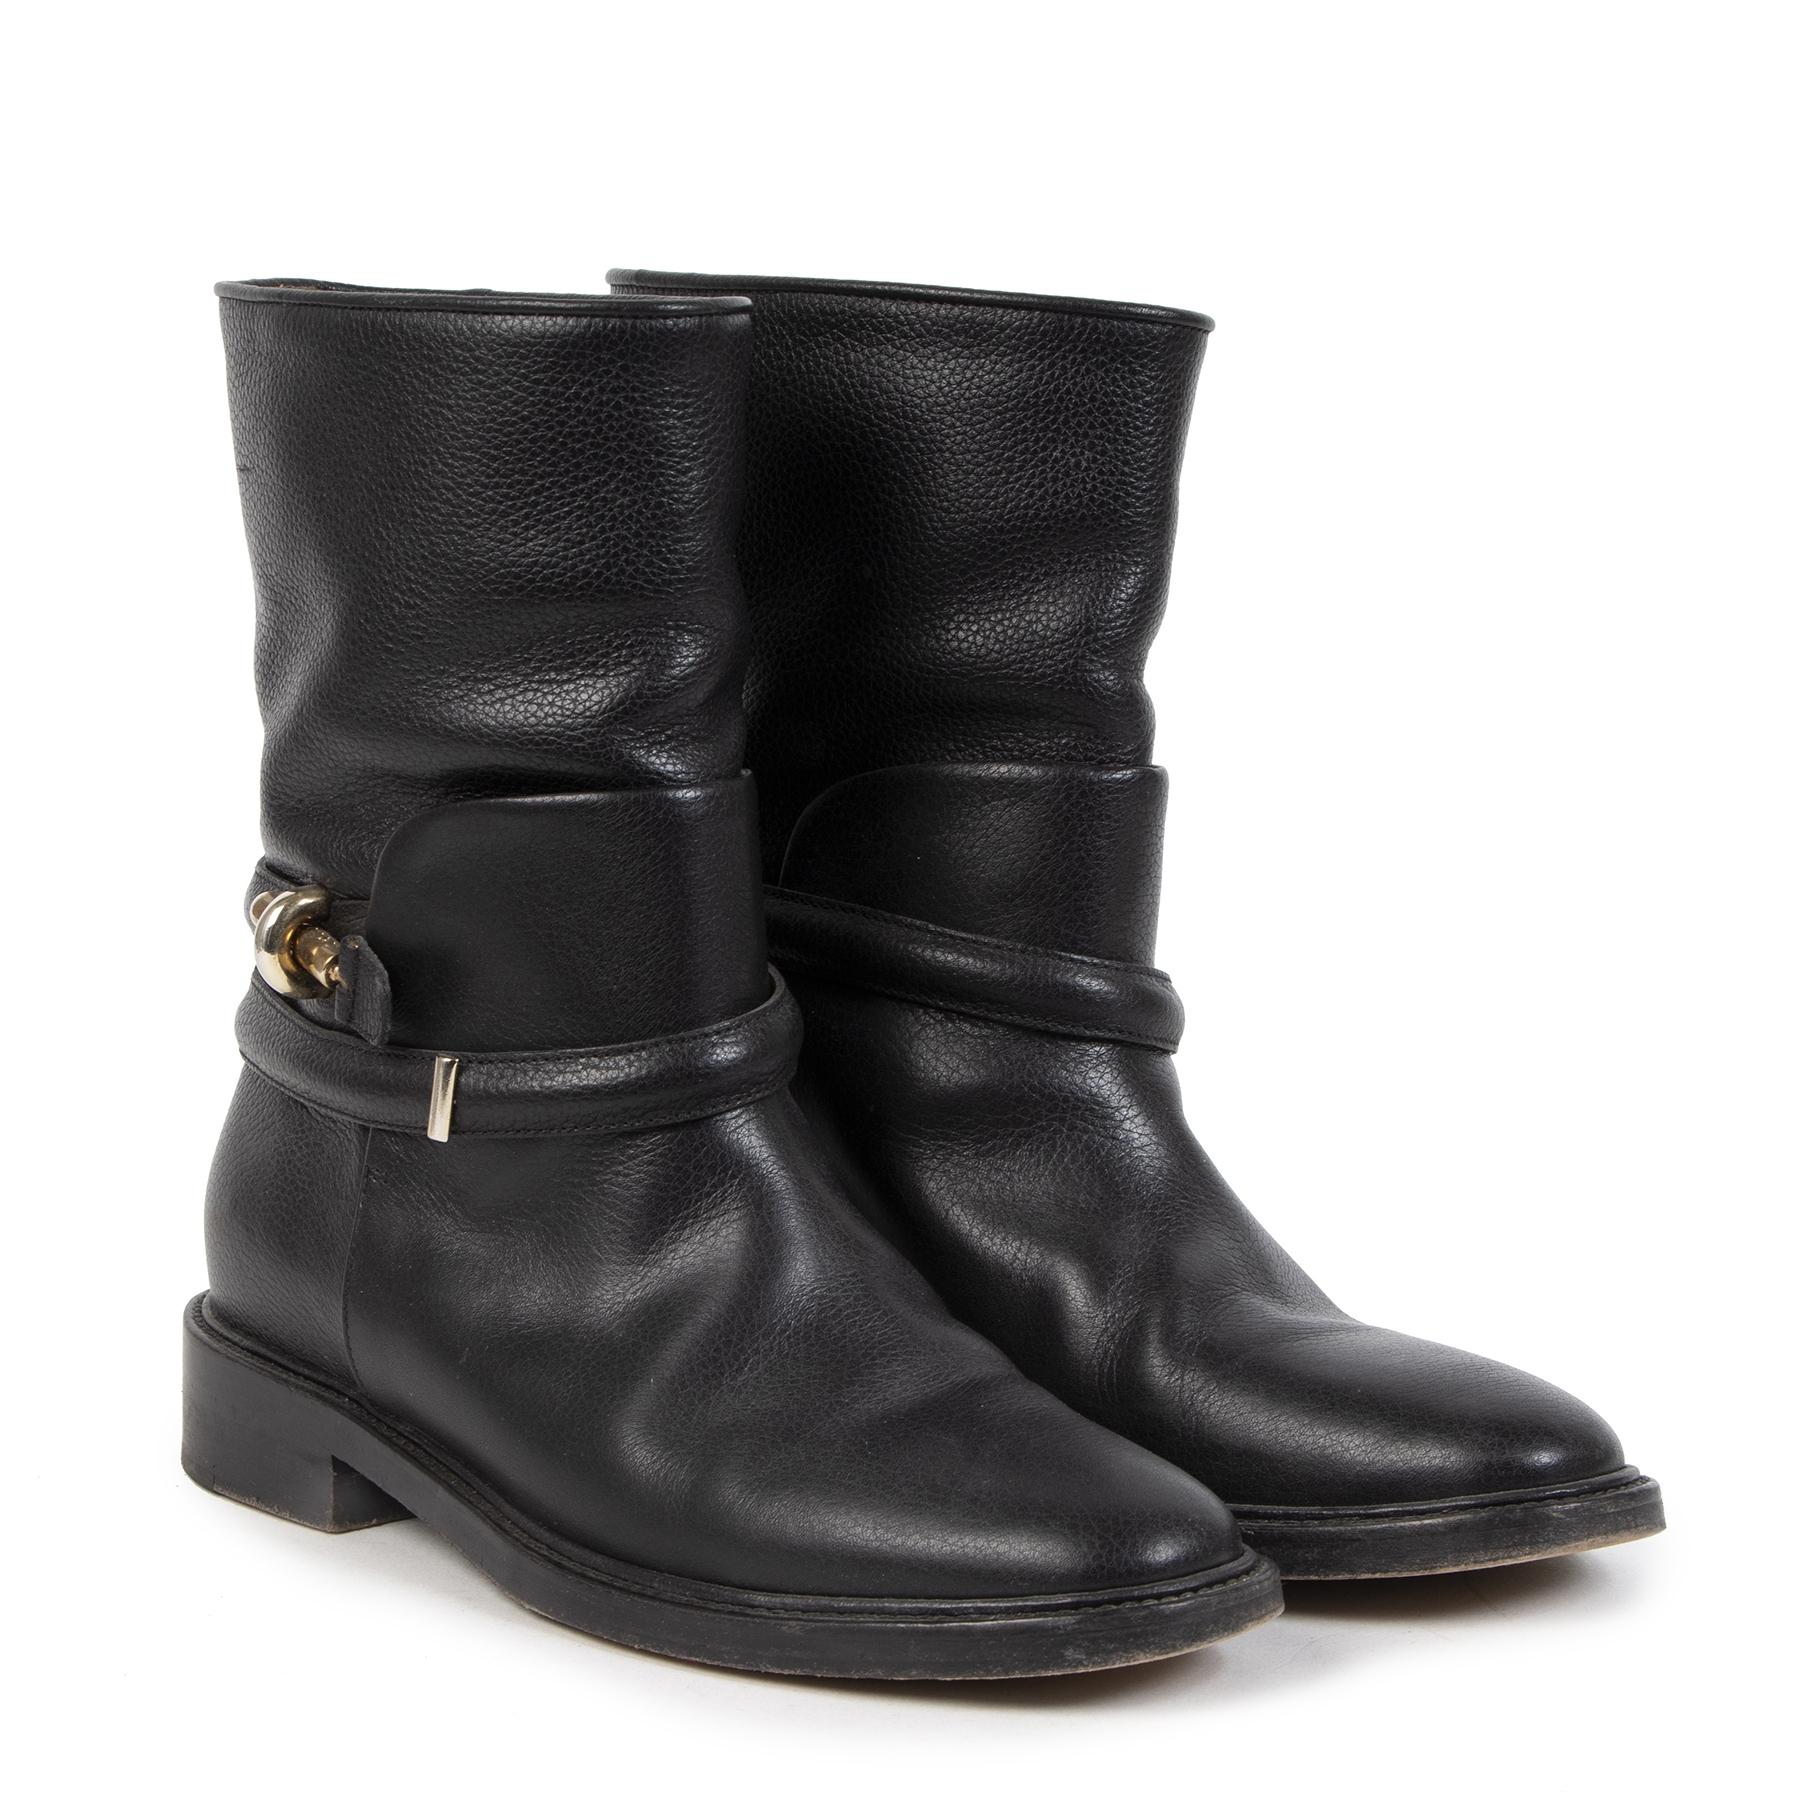 Authentieke tweedehands vintage Balenciaga Black Boots - Size 39 koop online webshop LabelLOV